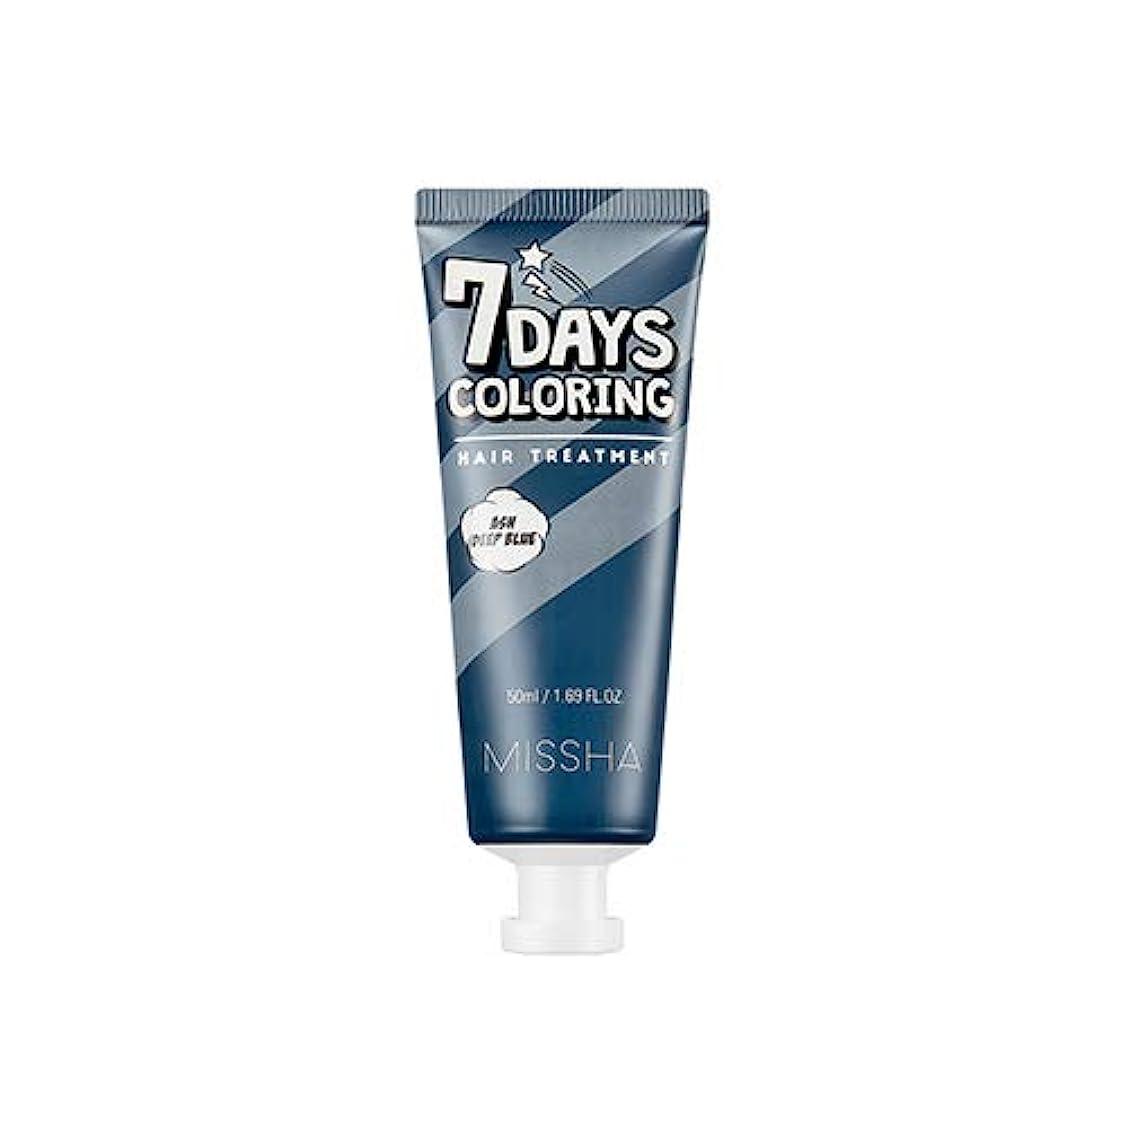 消費毒死んでいるミシャ セブンデイズカラーリングヘアトリートメント 50ml / MISSHA 7 Days Coloring Hair Treatment # Ash Deep Blue [並行輸入品]